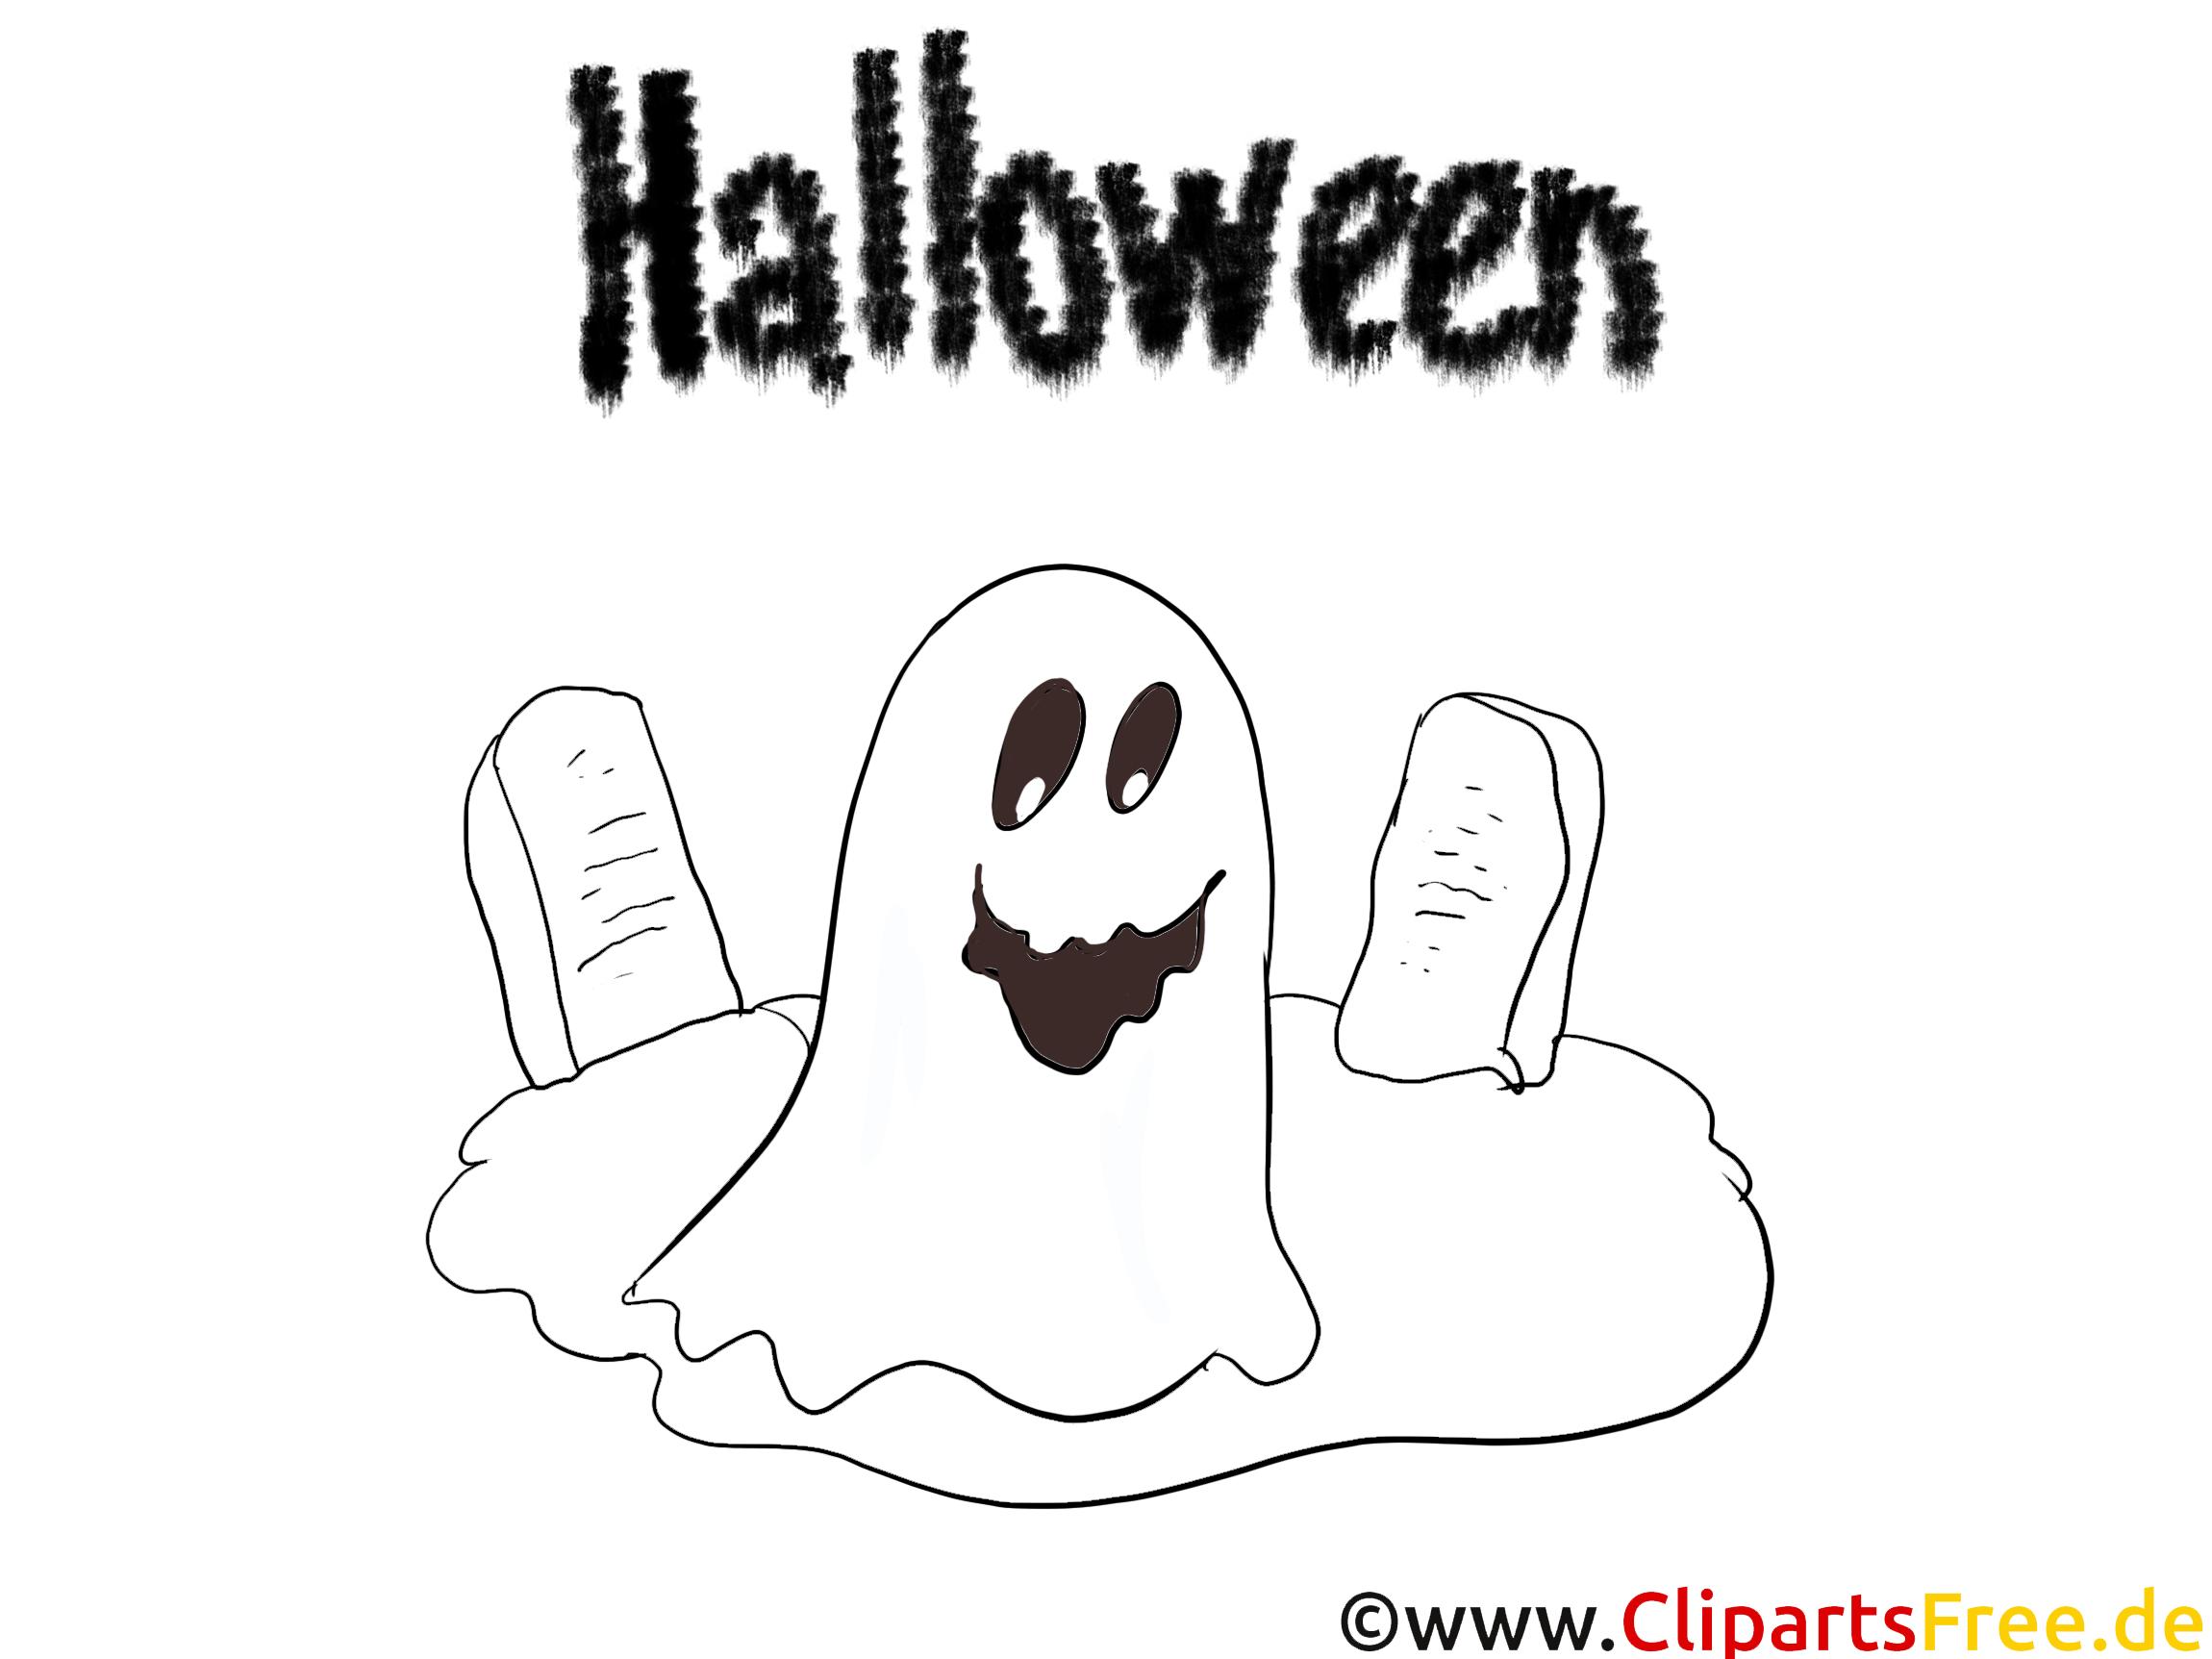 Geist gruselige Malvorlagen zu Halloween